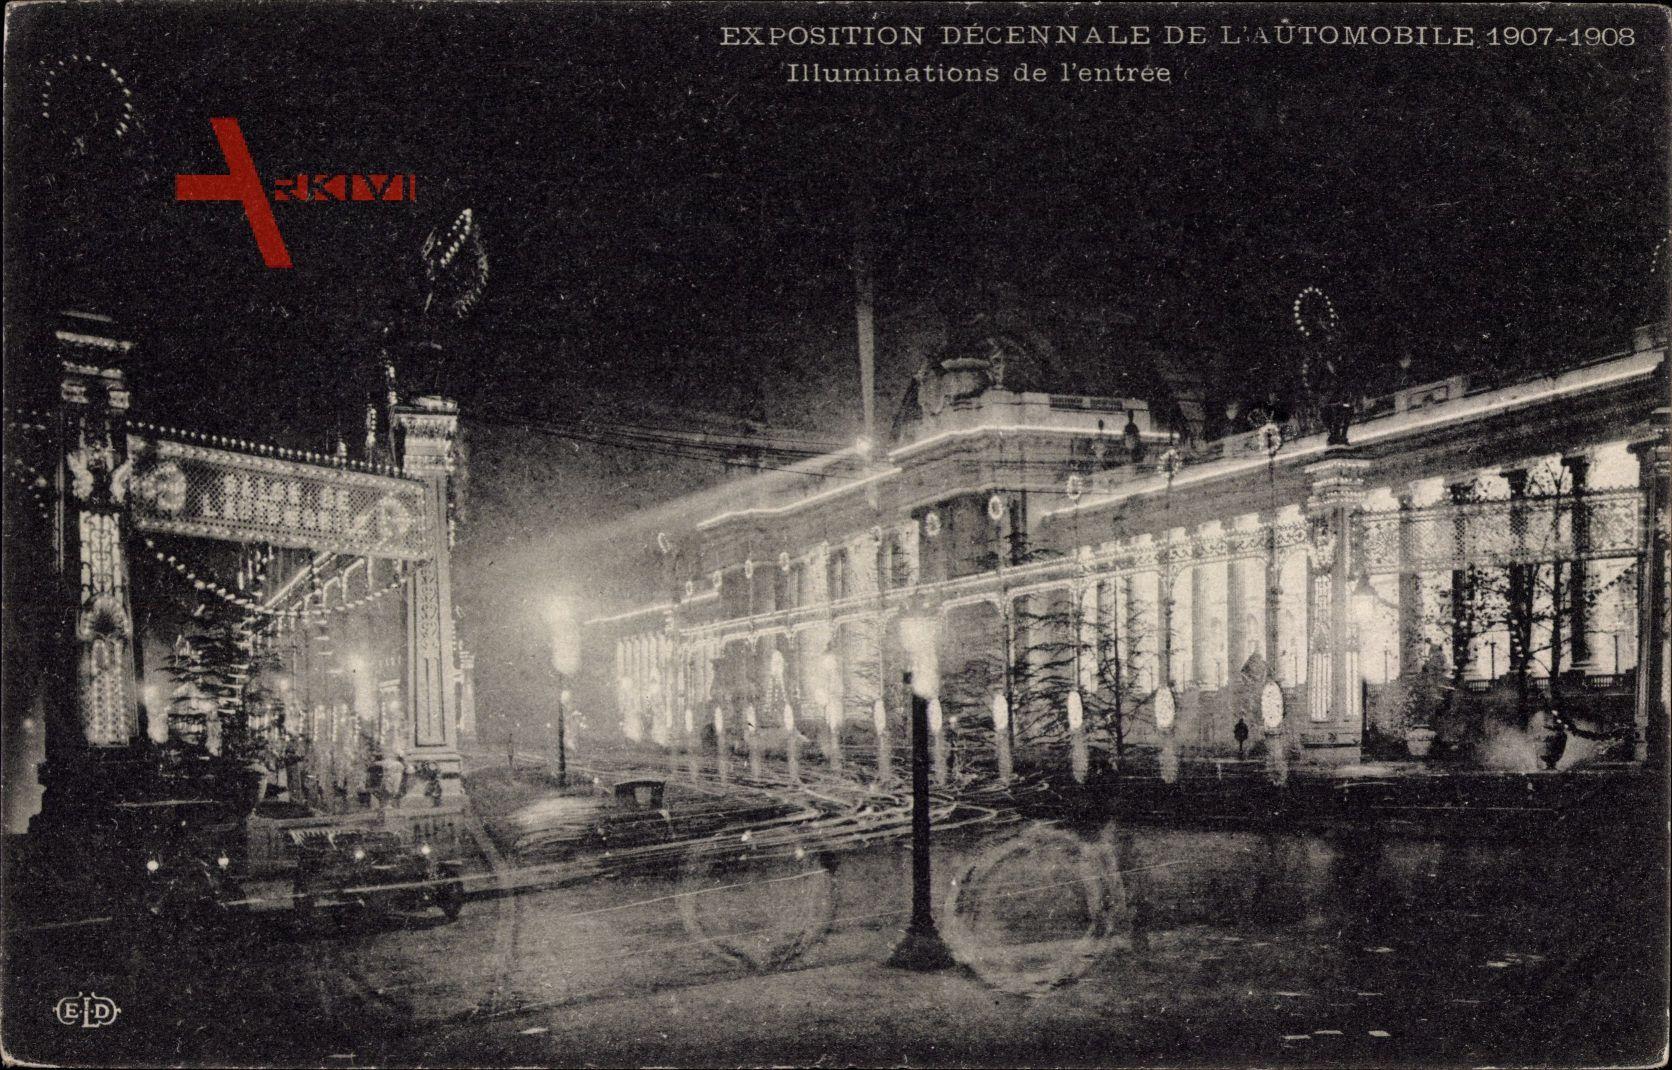 Exposition decennale de lAutomobile 1907 à 1908, Illuminations de lentrée